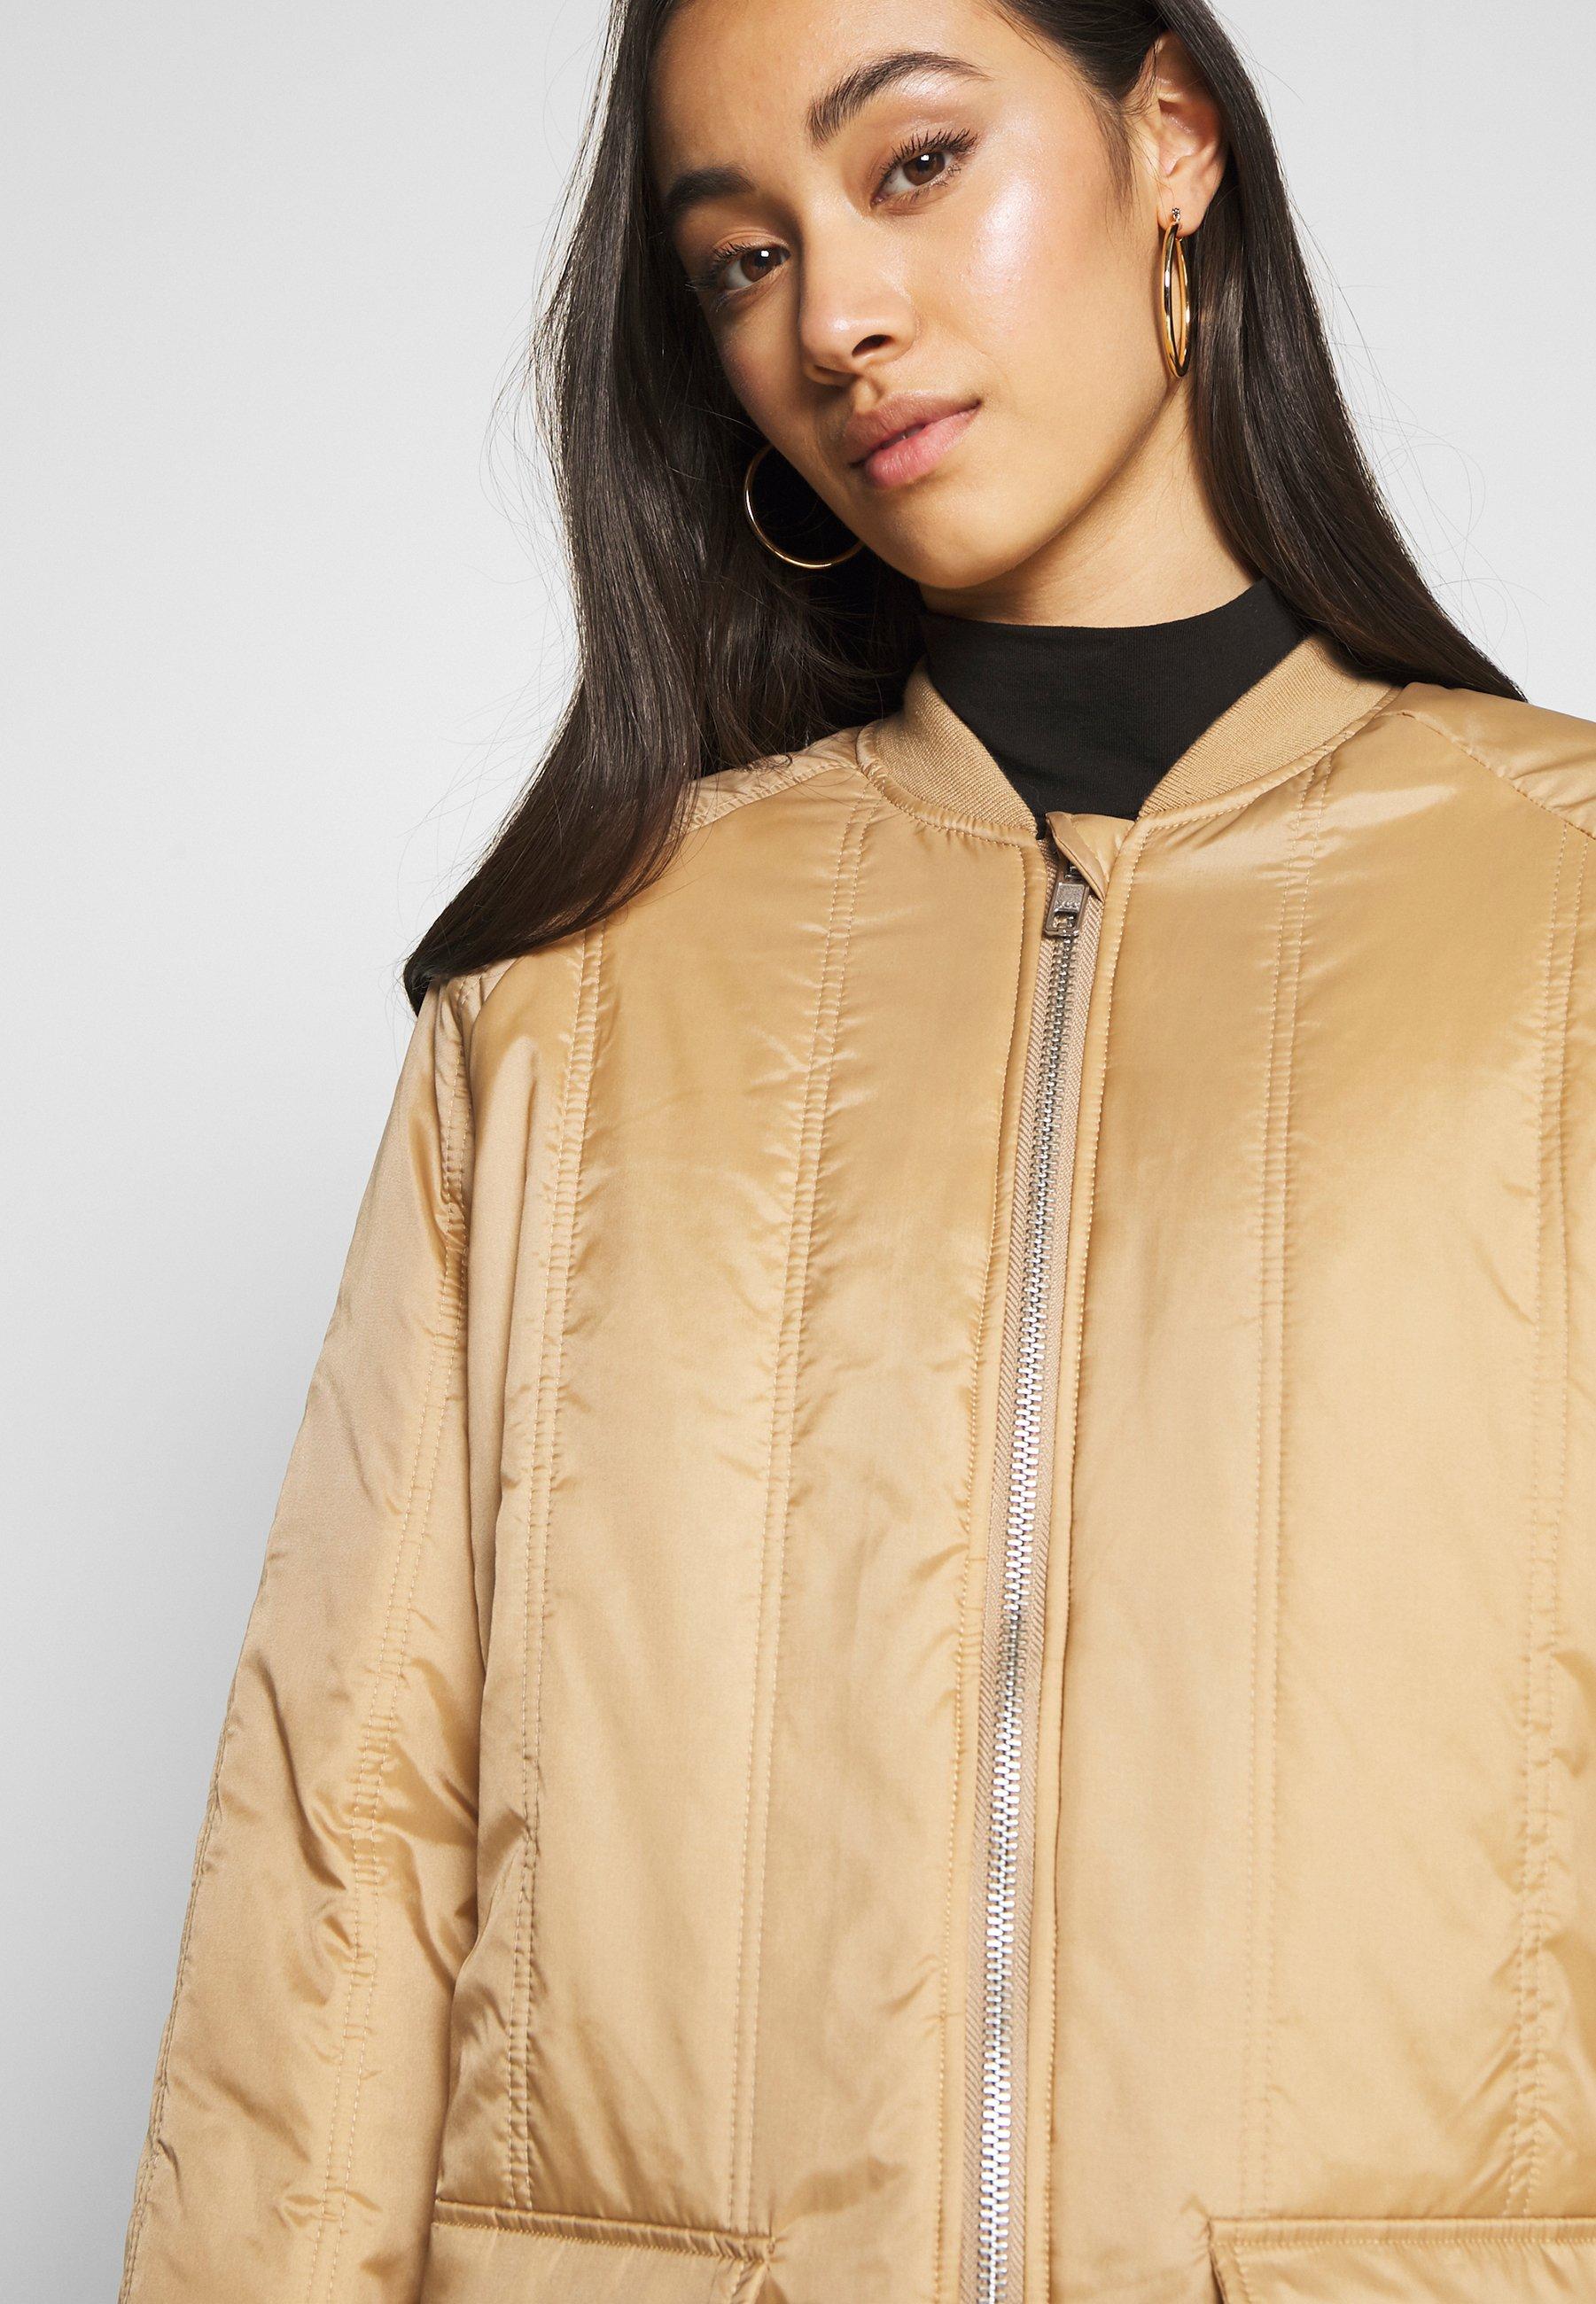 Minimum Płaszcz wełniany /Płaszcz klasyczny - tannin